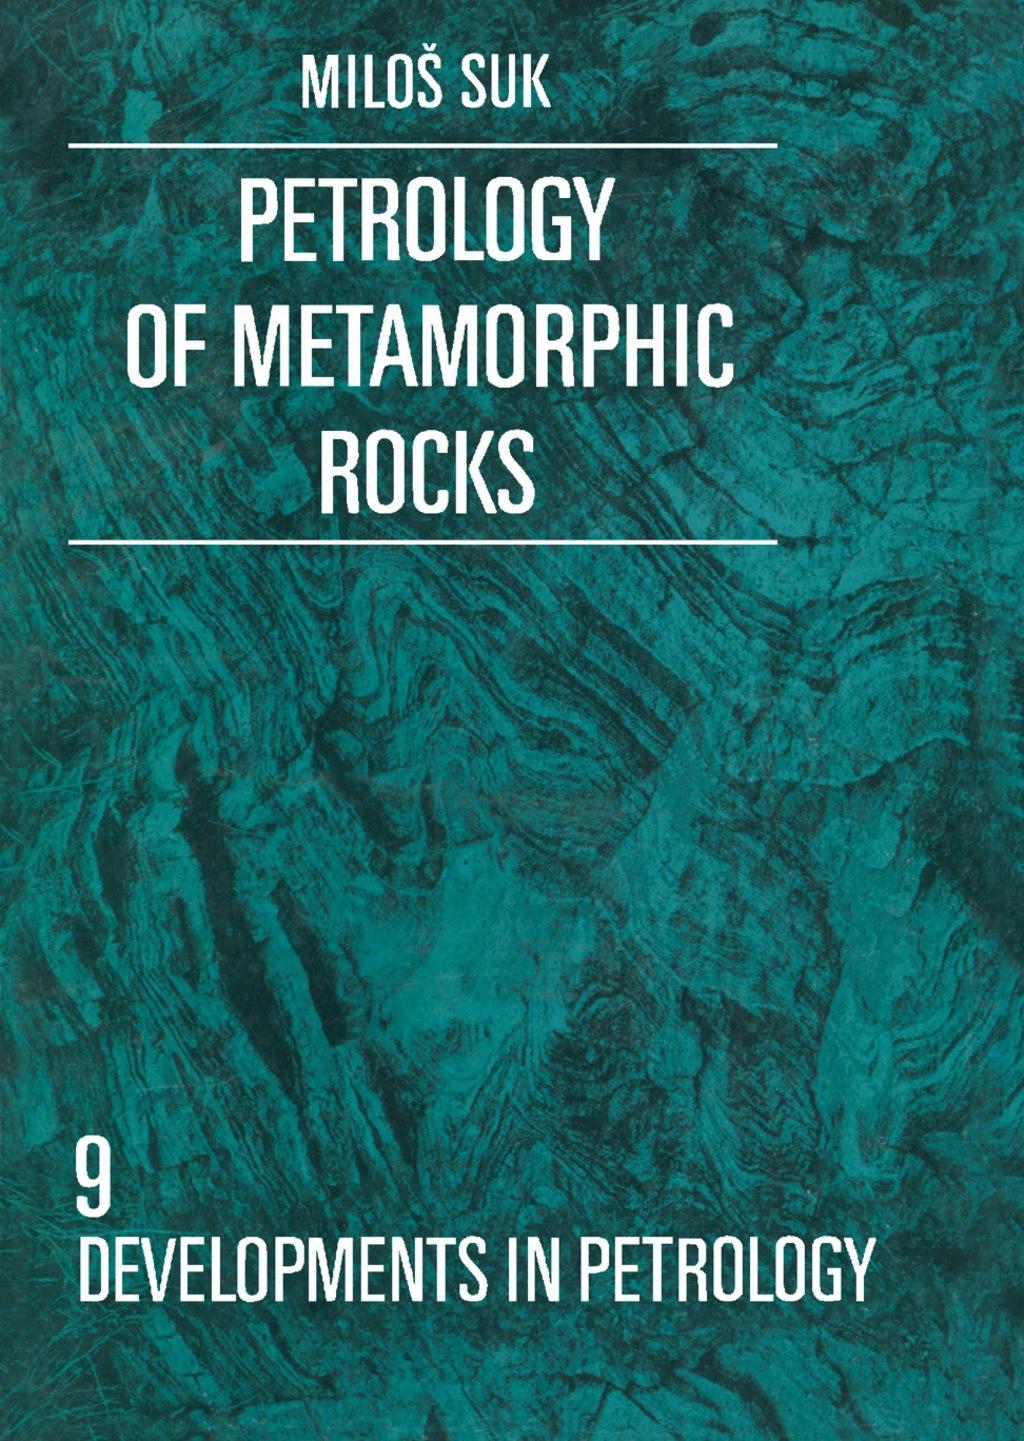 Petrology of Metamorphic Rocks (eBook)